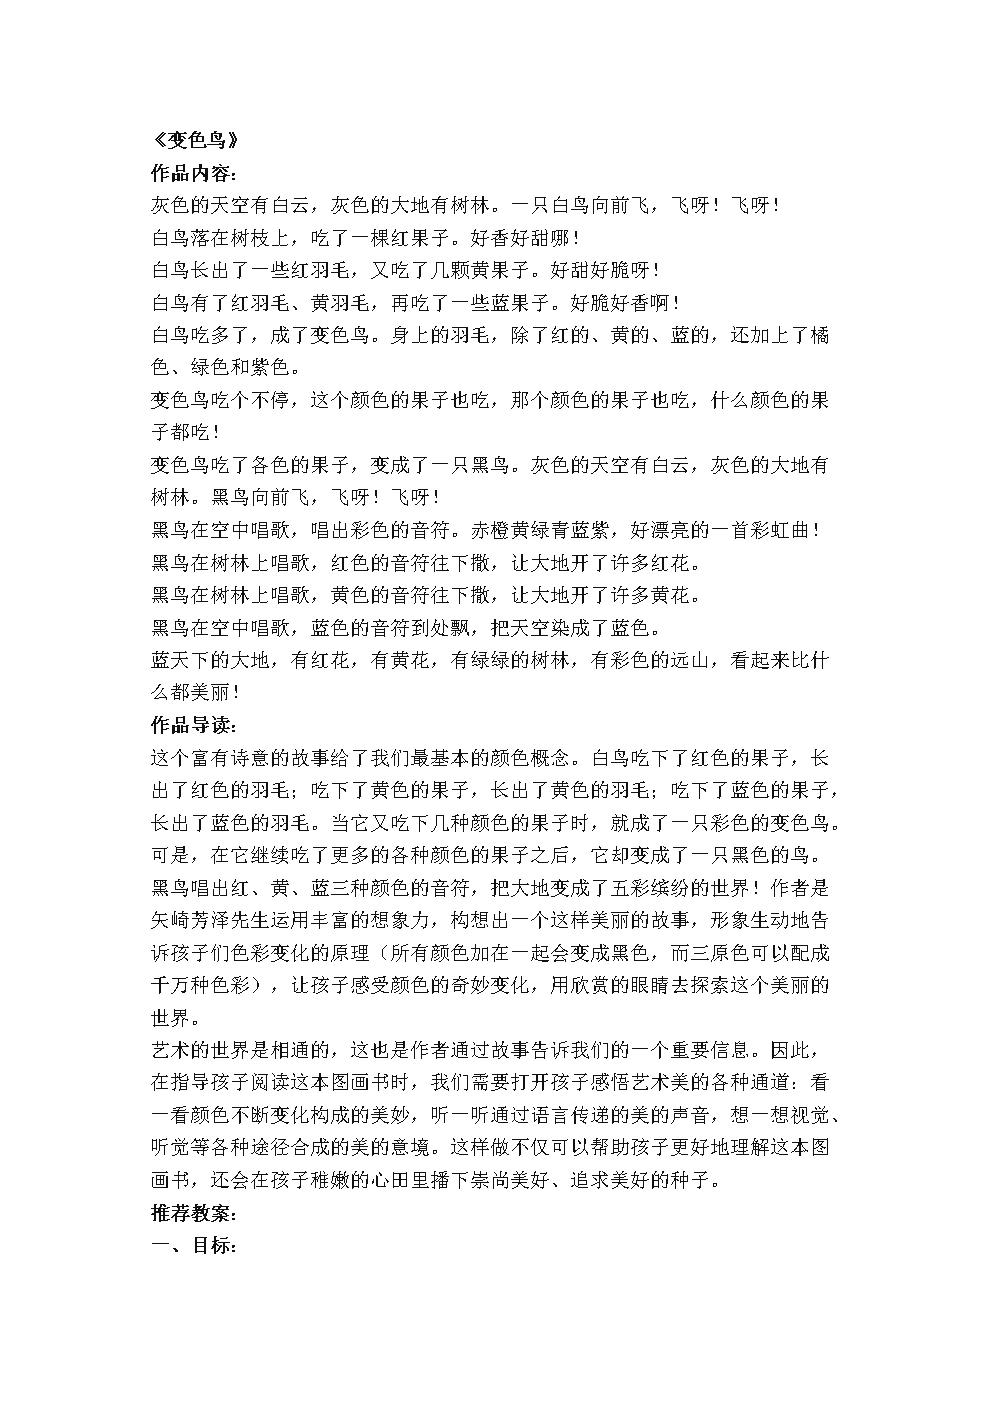 幼儿园专业教案之变色鸟.doc